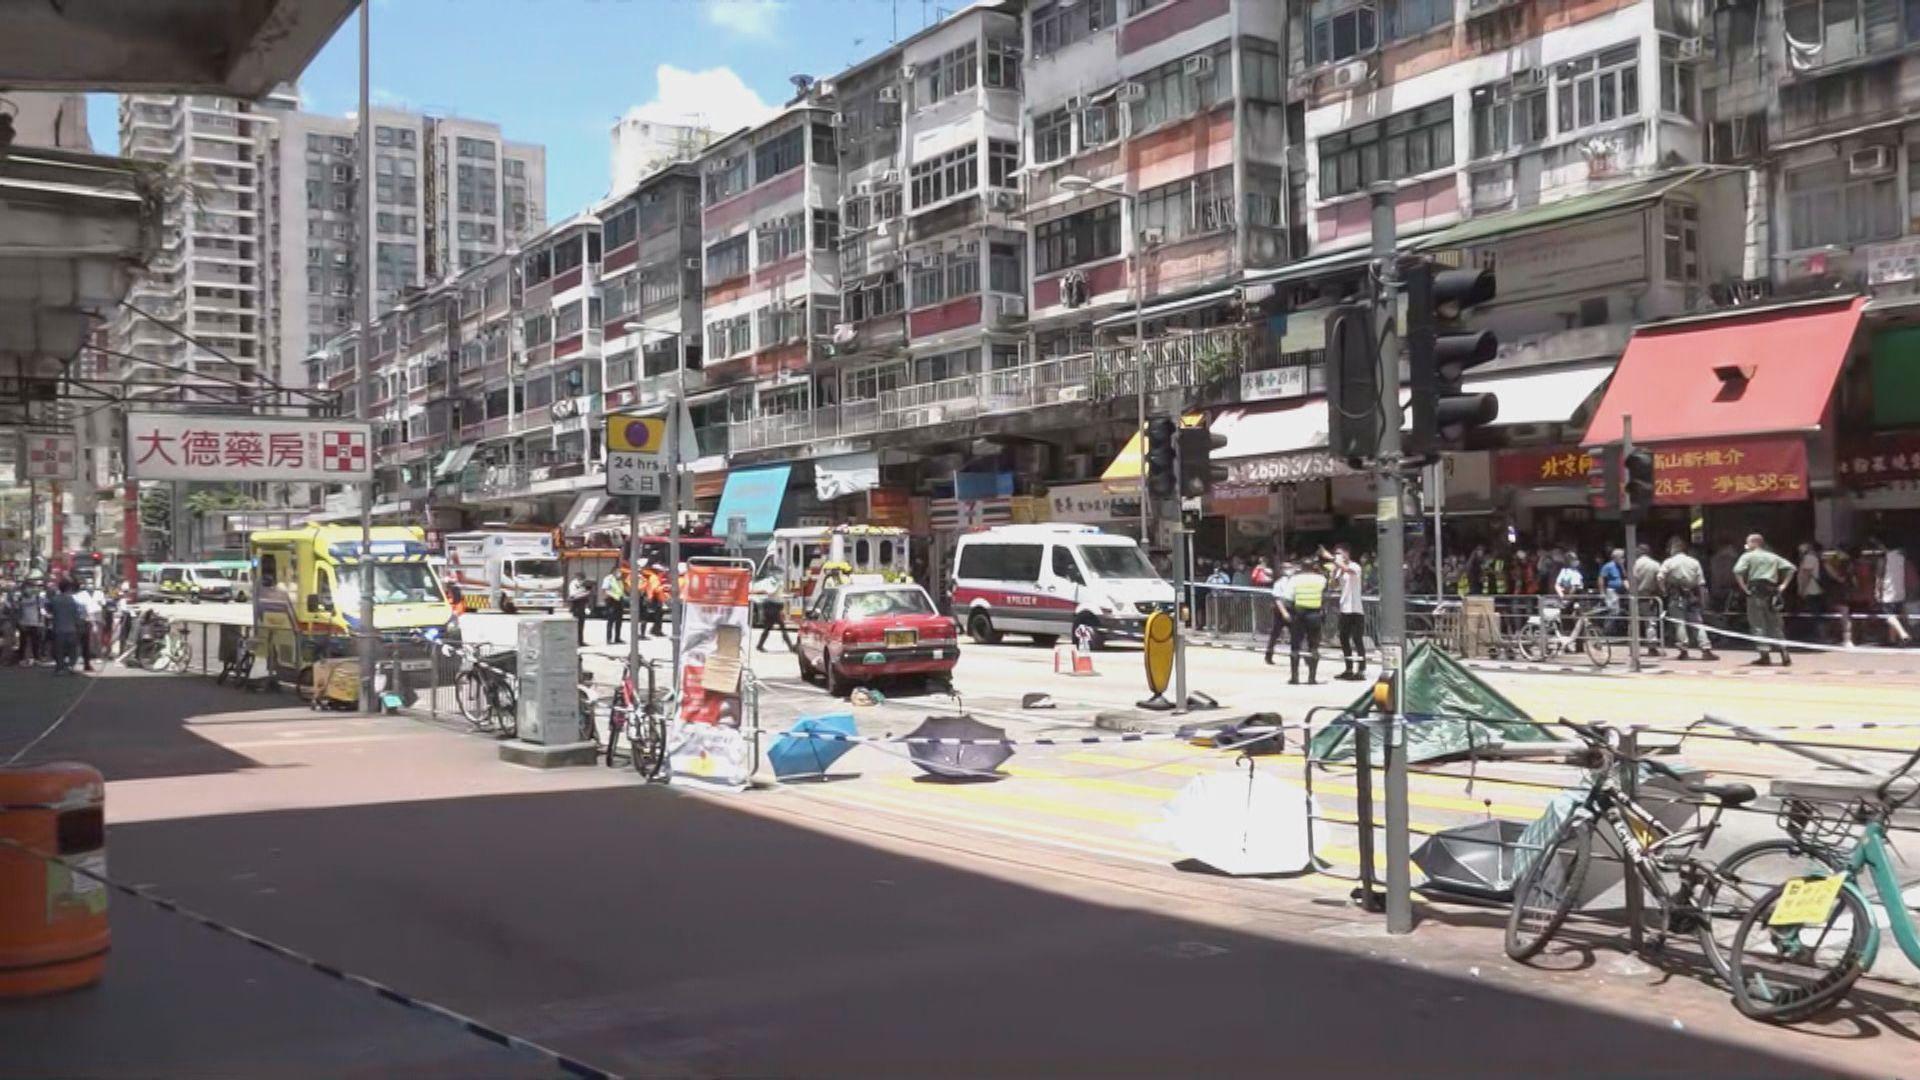 大埔的士撞途人至少一死八傷 的士司機涉危駕致他人死亡被捕